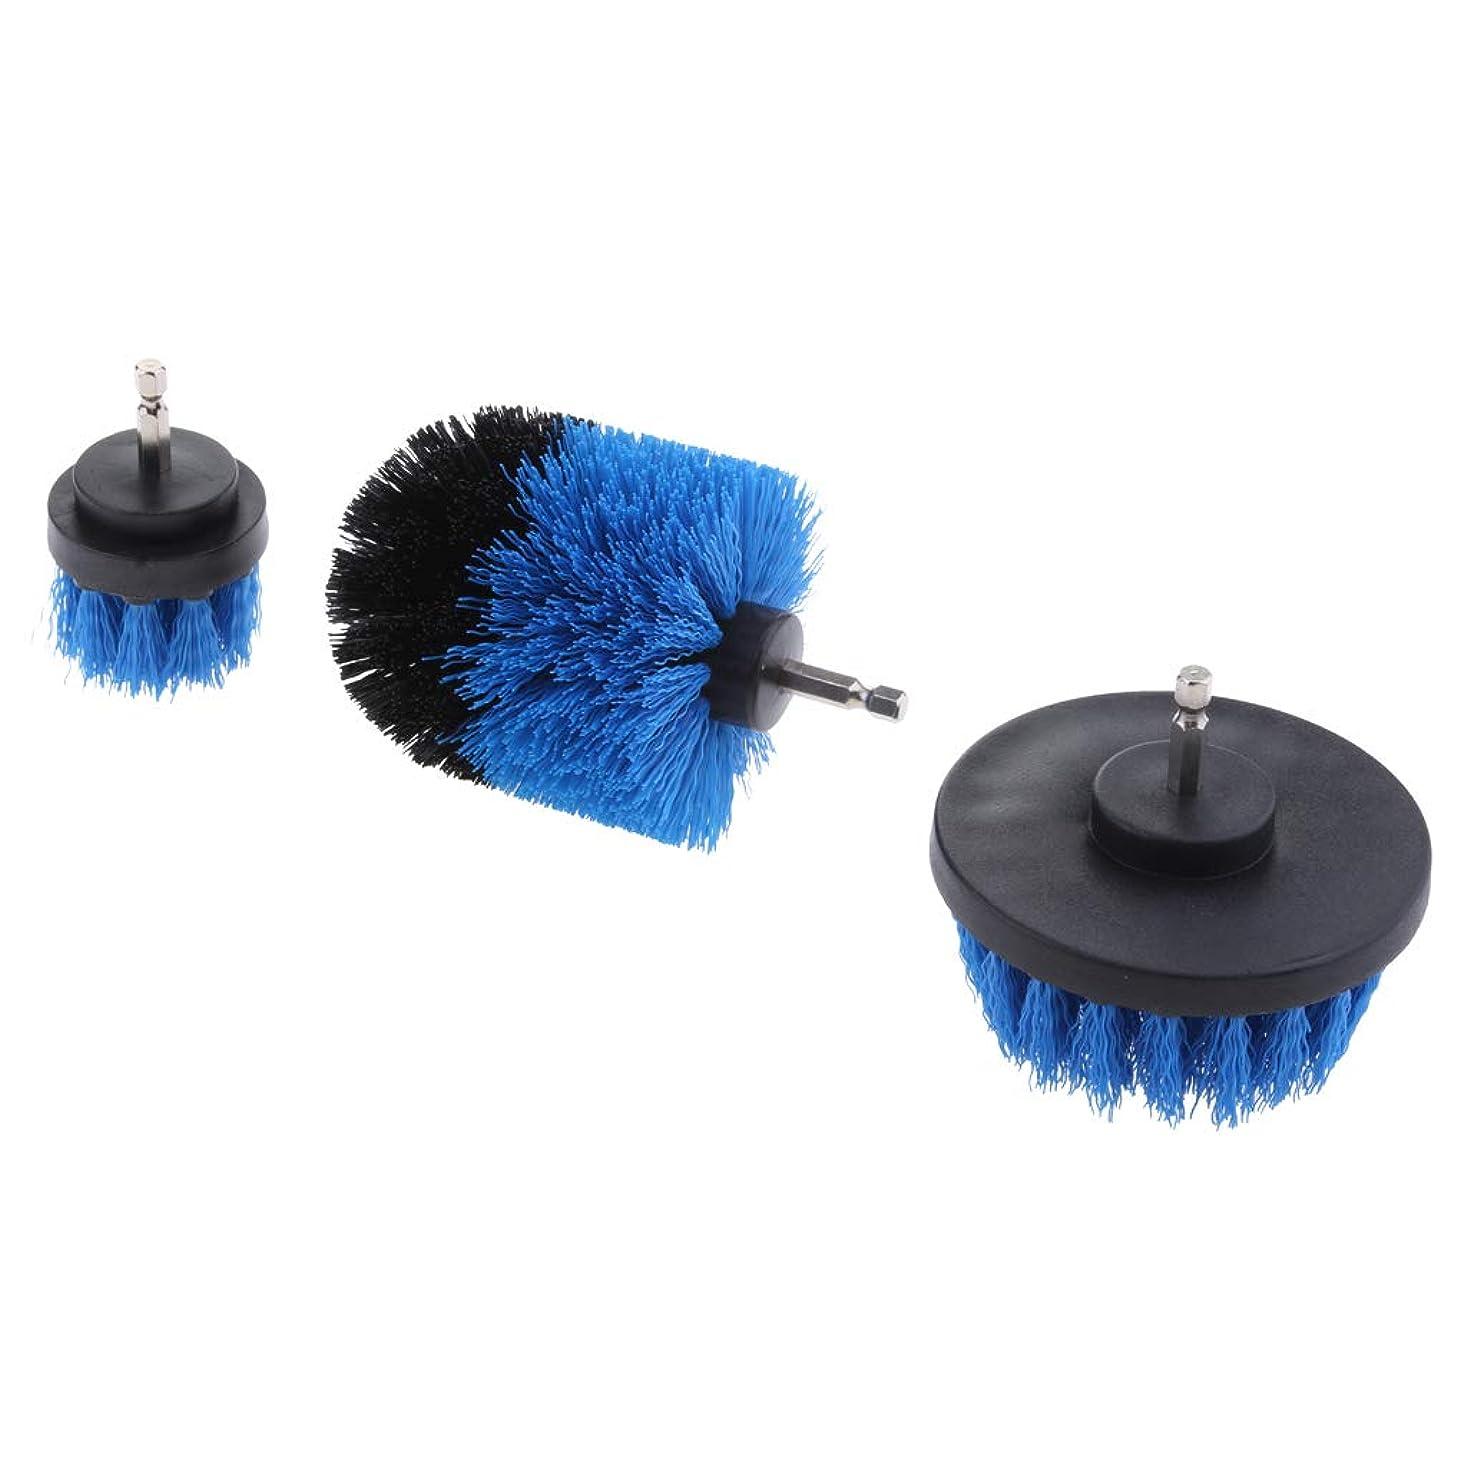 遅れ付添人教授清掃ブラシ 電動ドリルブラシ 1/4インチ タイル 浴漕 グラウト 清掃ブラシ スクラブブラシ 全5色選択 - 青